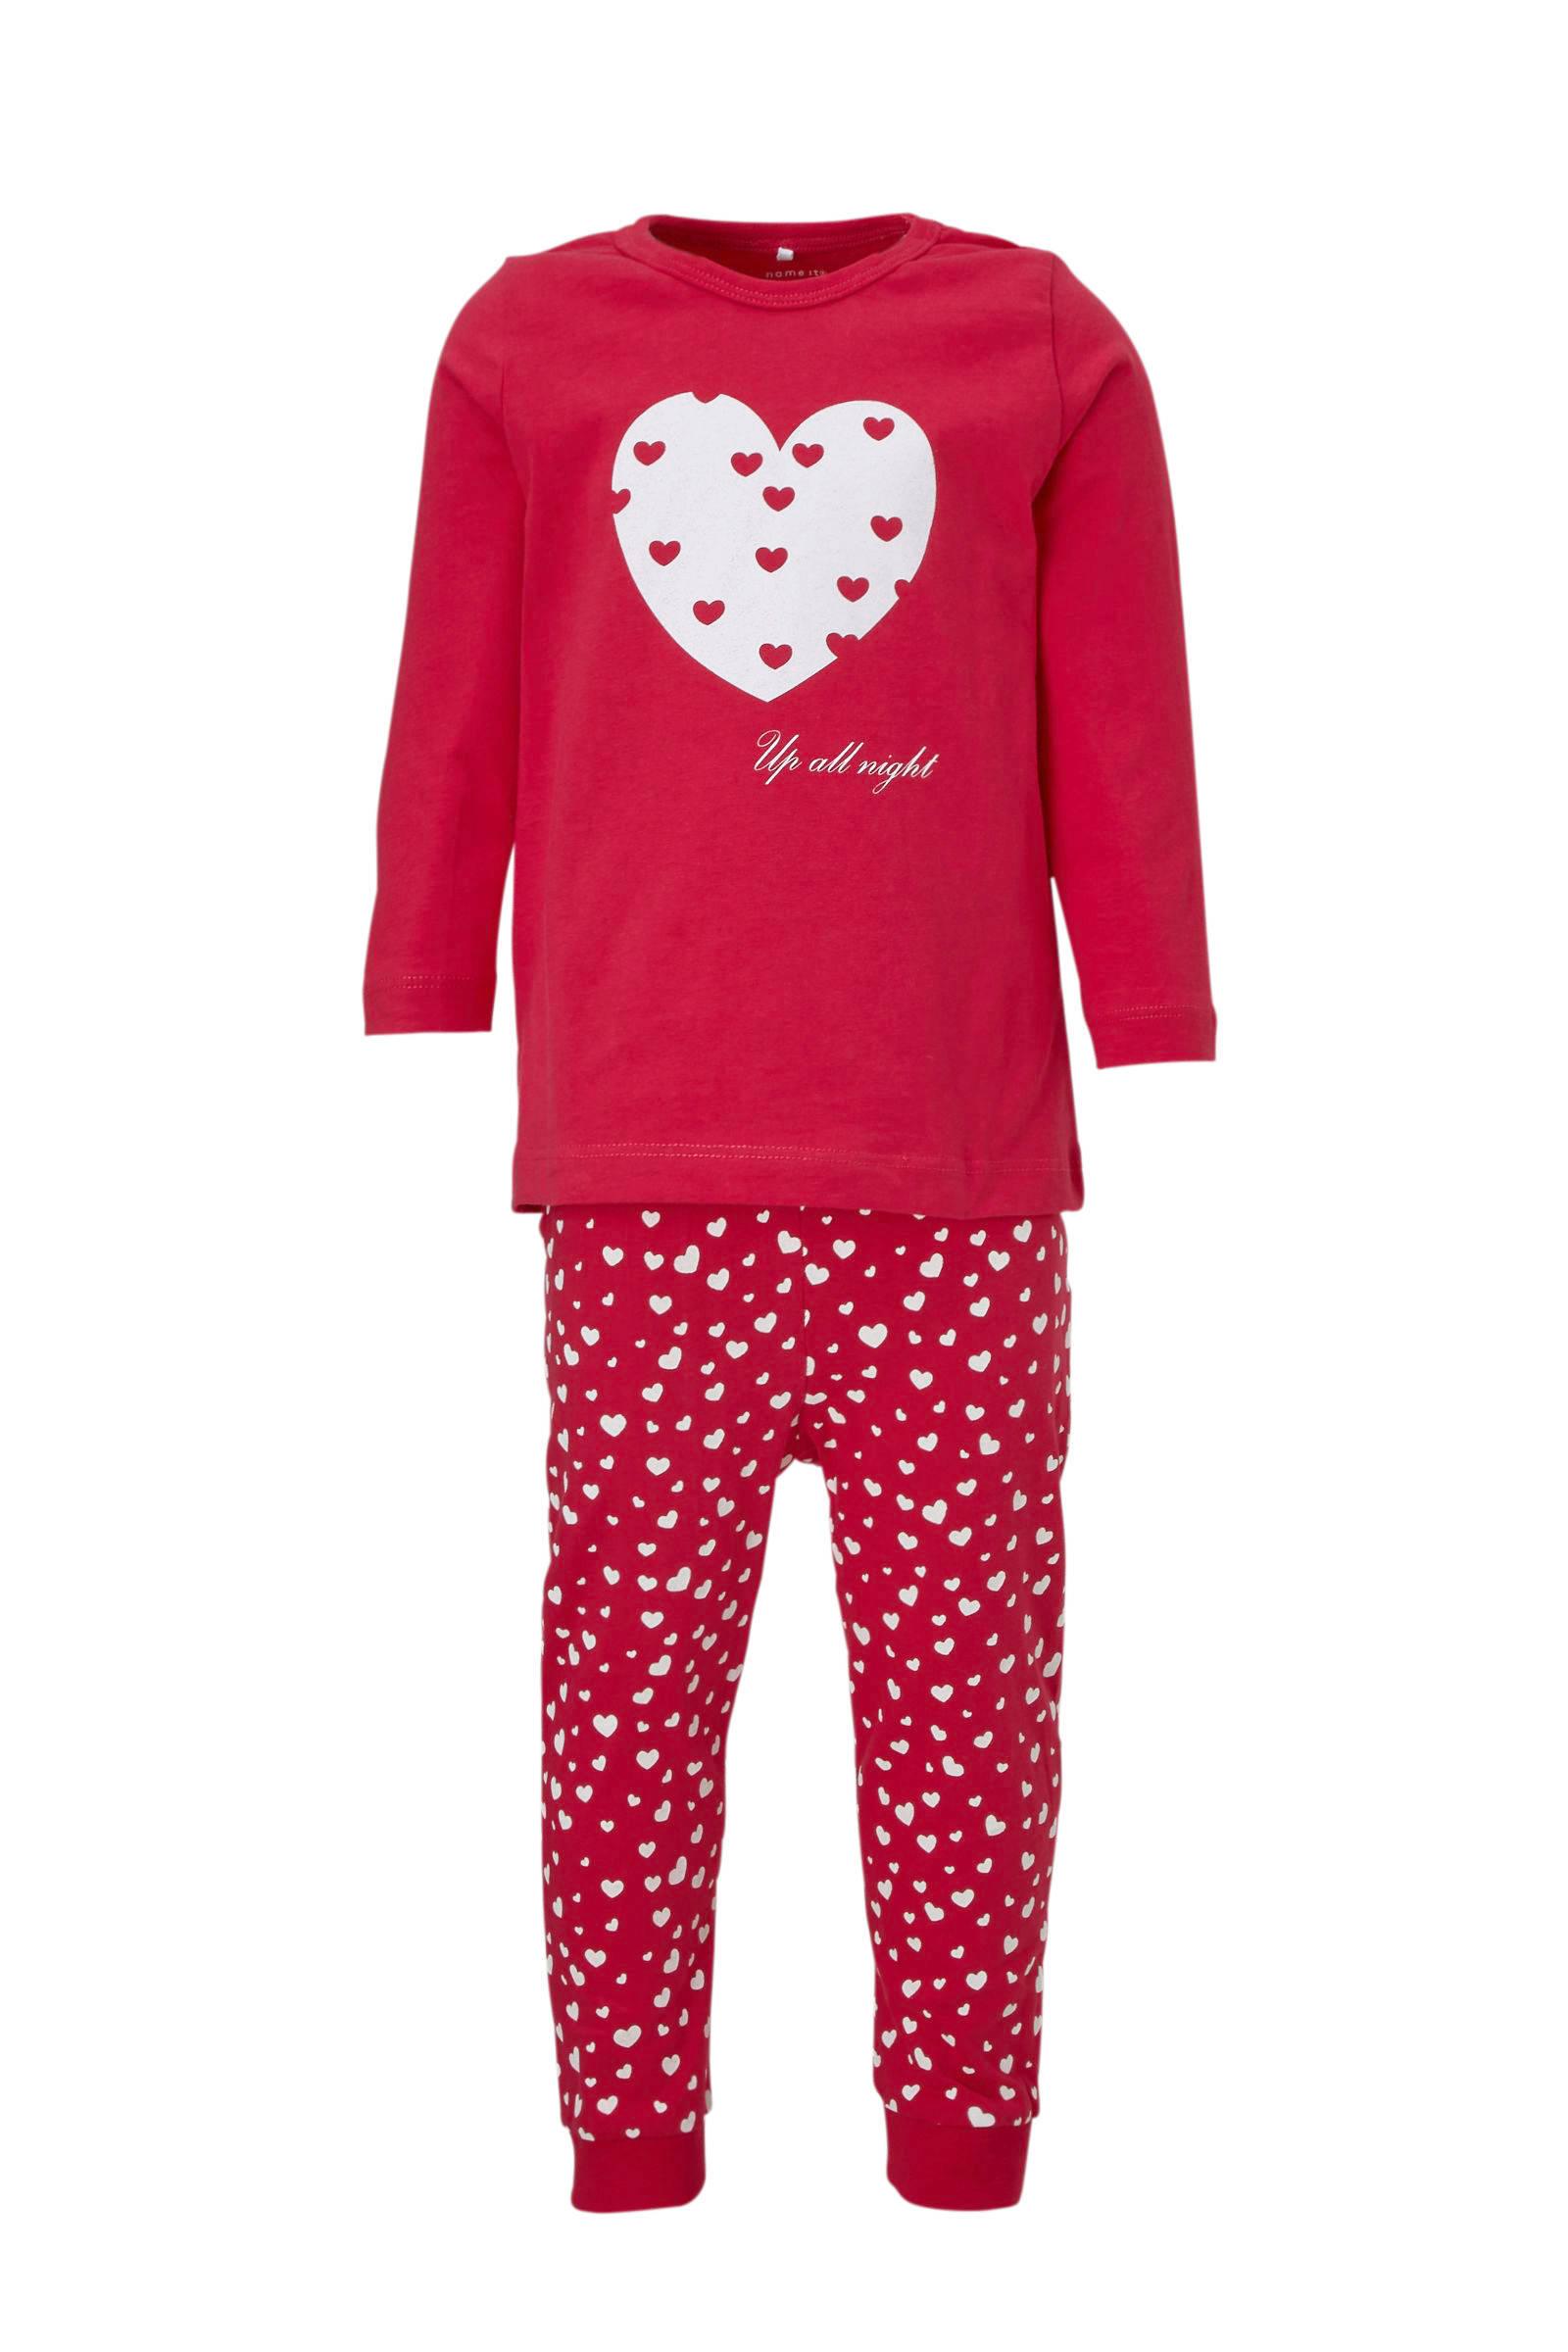 wehkamp meisjes pyjama